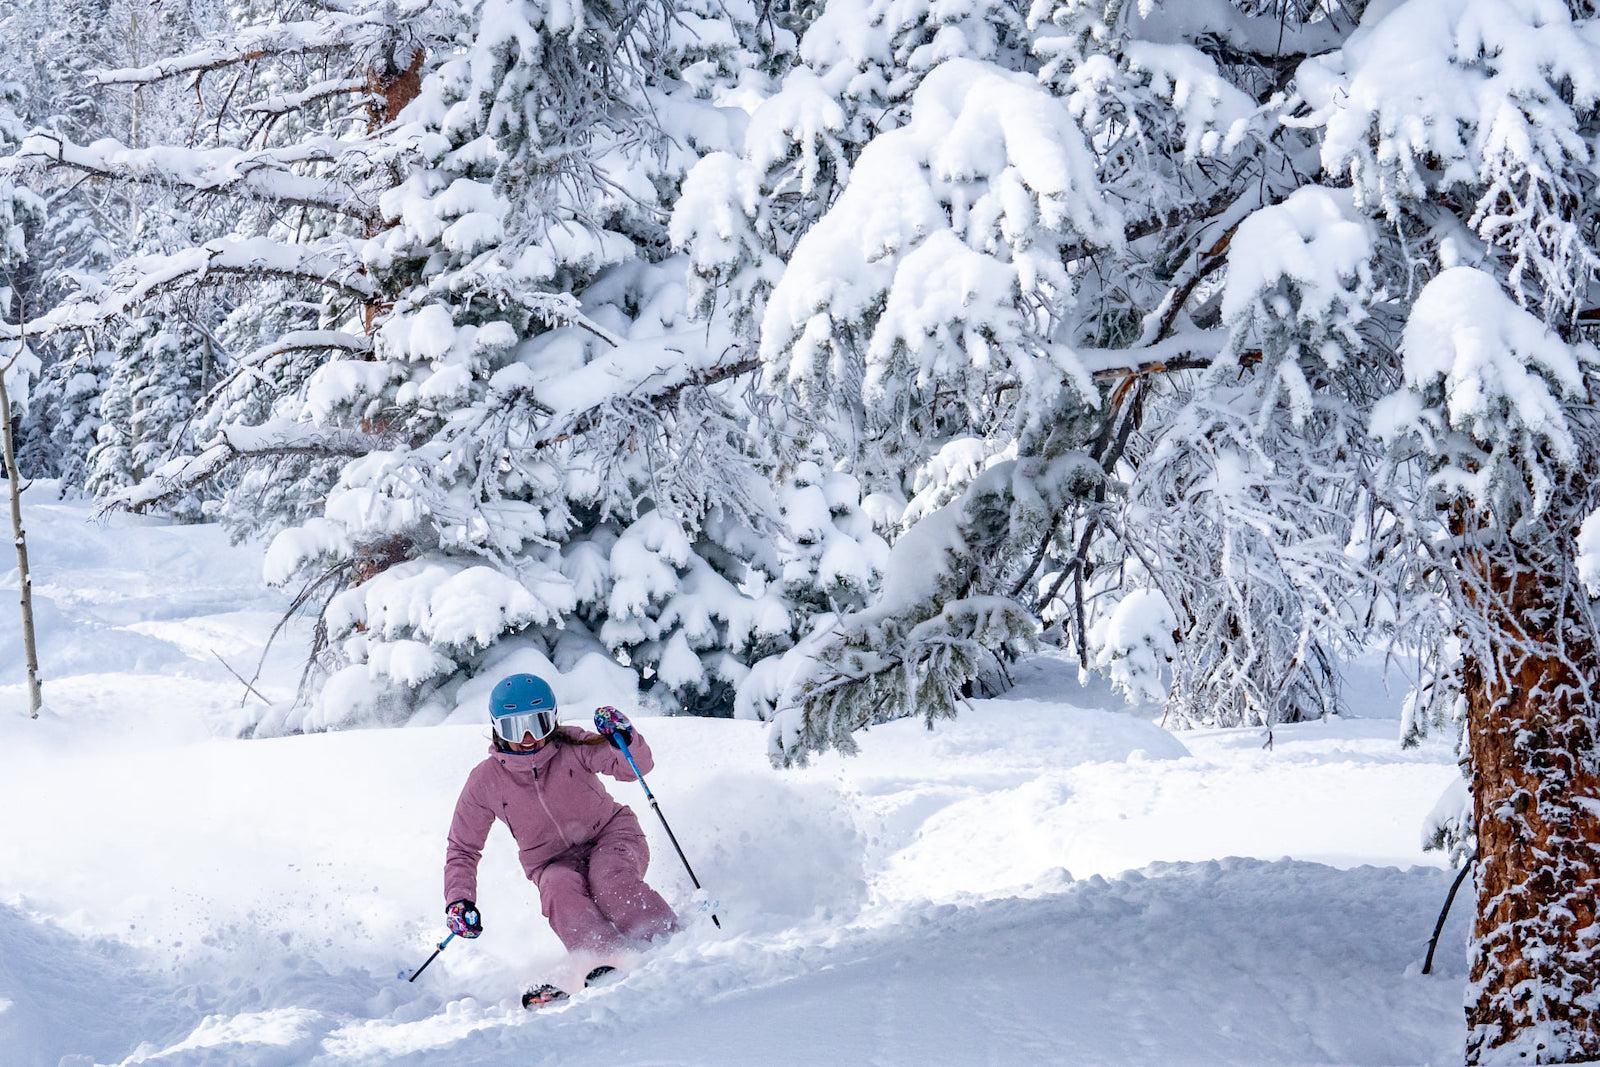 Gambar seorang pemain ski berbaju merah muda di Aspen Snowmass di Colorado